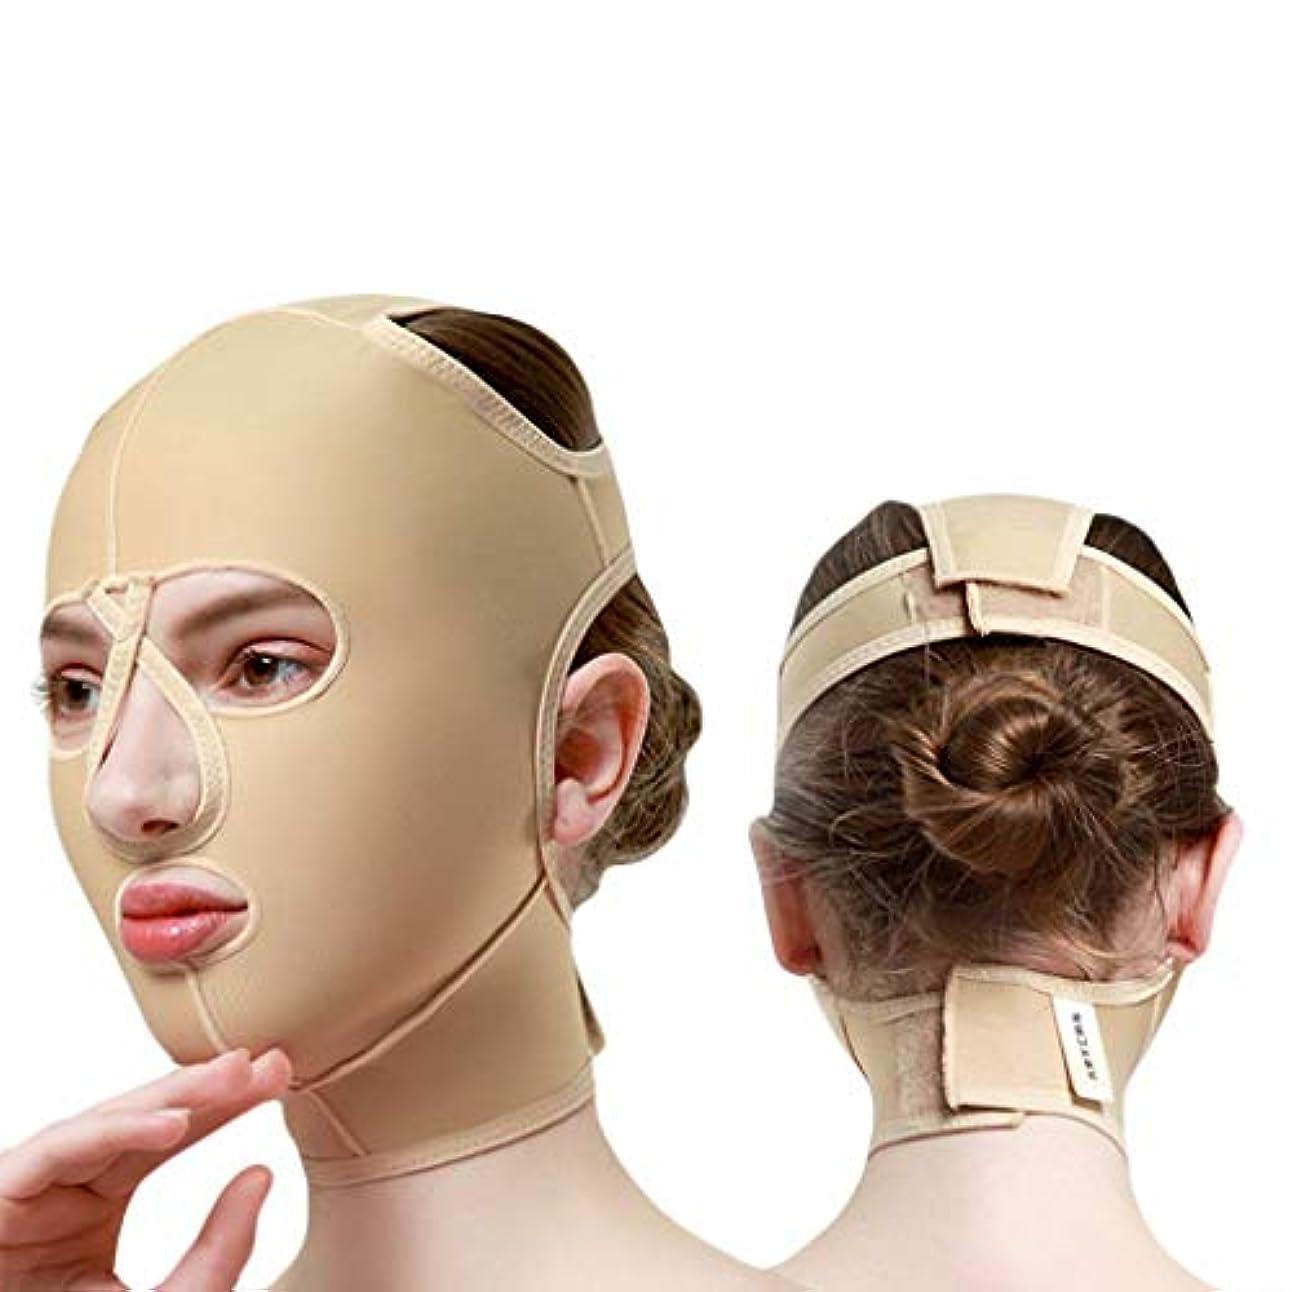 チンストラップ、顔彫りツール、リフティングマスク、ダブルチンリデューサー、フェイスリフティングエラスティックマスクメス(サイズ:M),XL